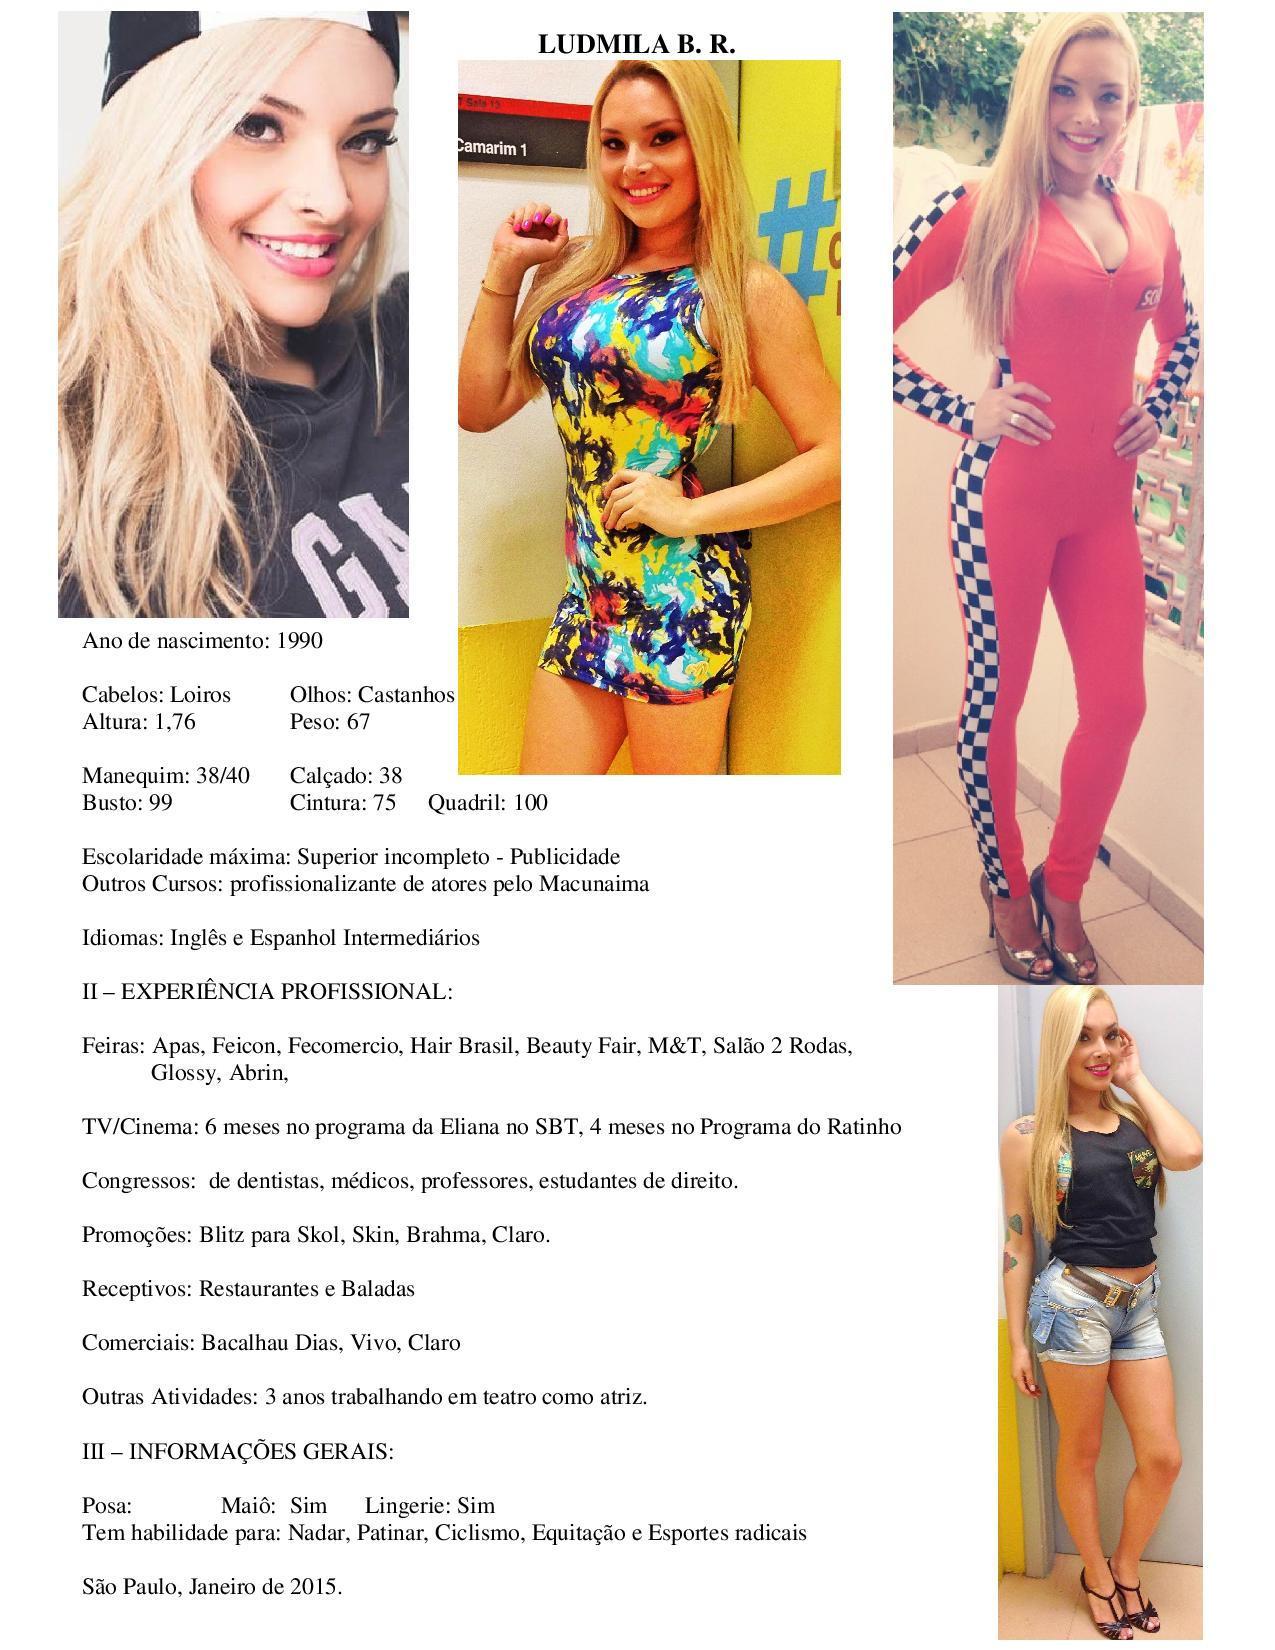 Ludmila Bastos-page-001